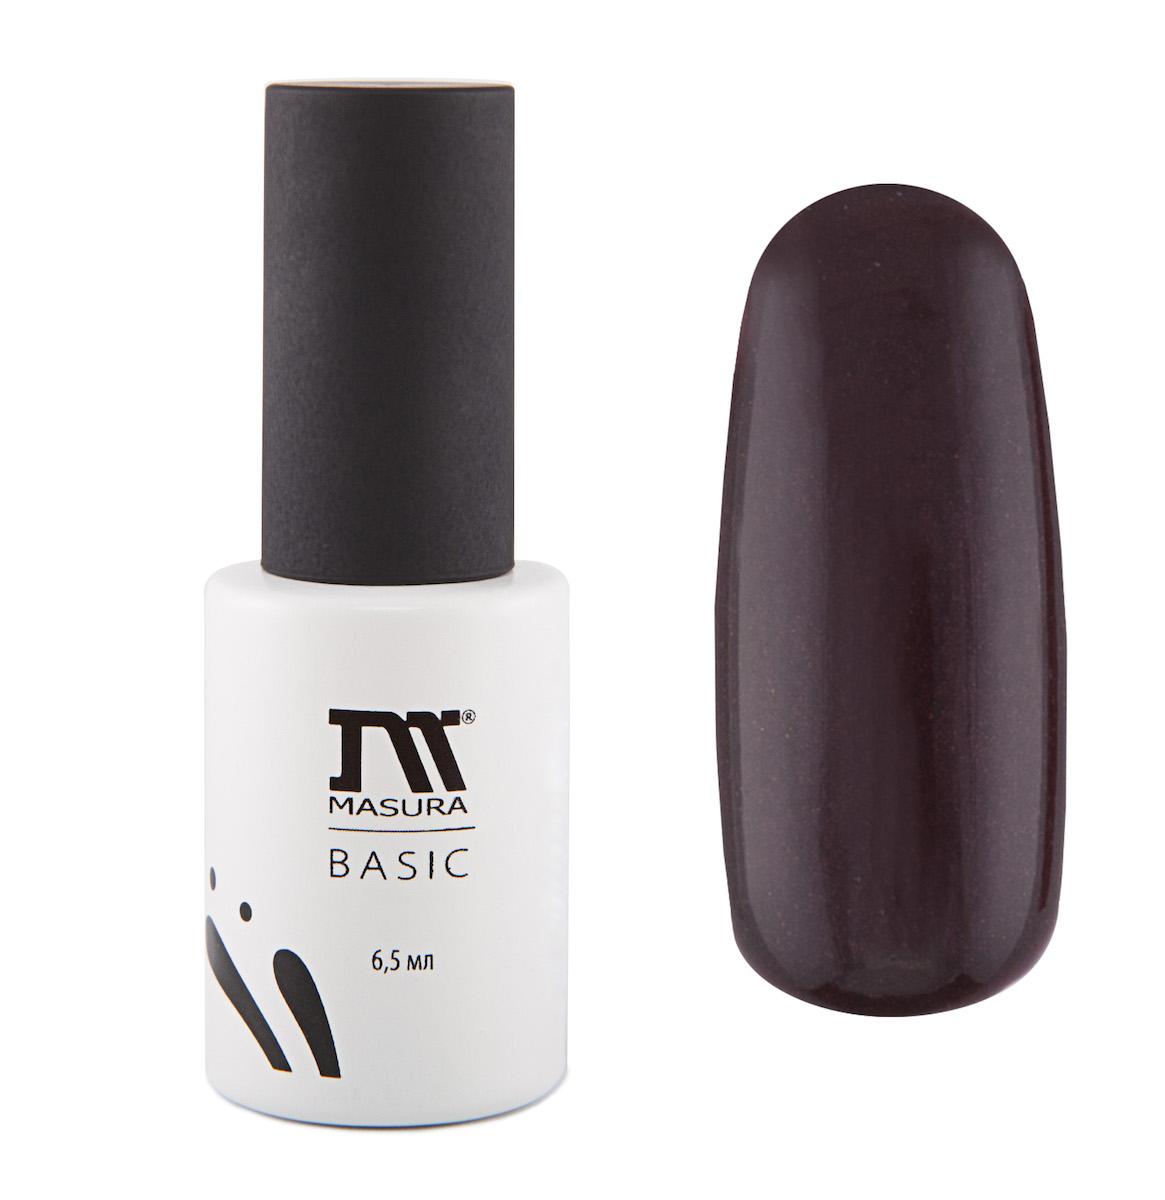 Masura Гель-лак BASIC Кленовый Сироп 6,5 мл294-69Бордово-коричневый, с микроблестками, плотныйКак ухаживать за ногтями: советы эксперта. Статья OZON Гид